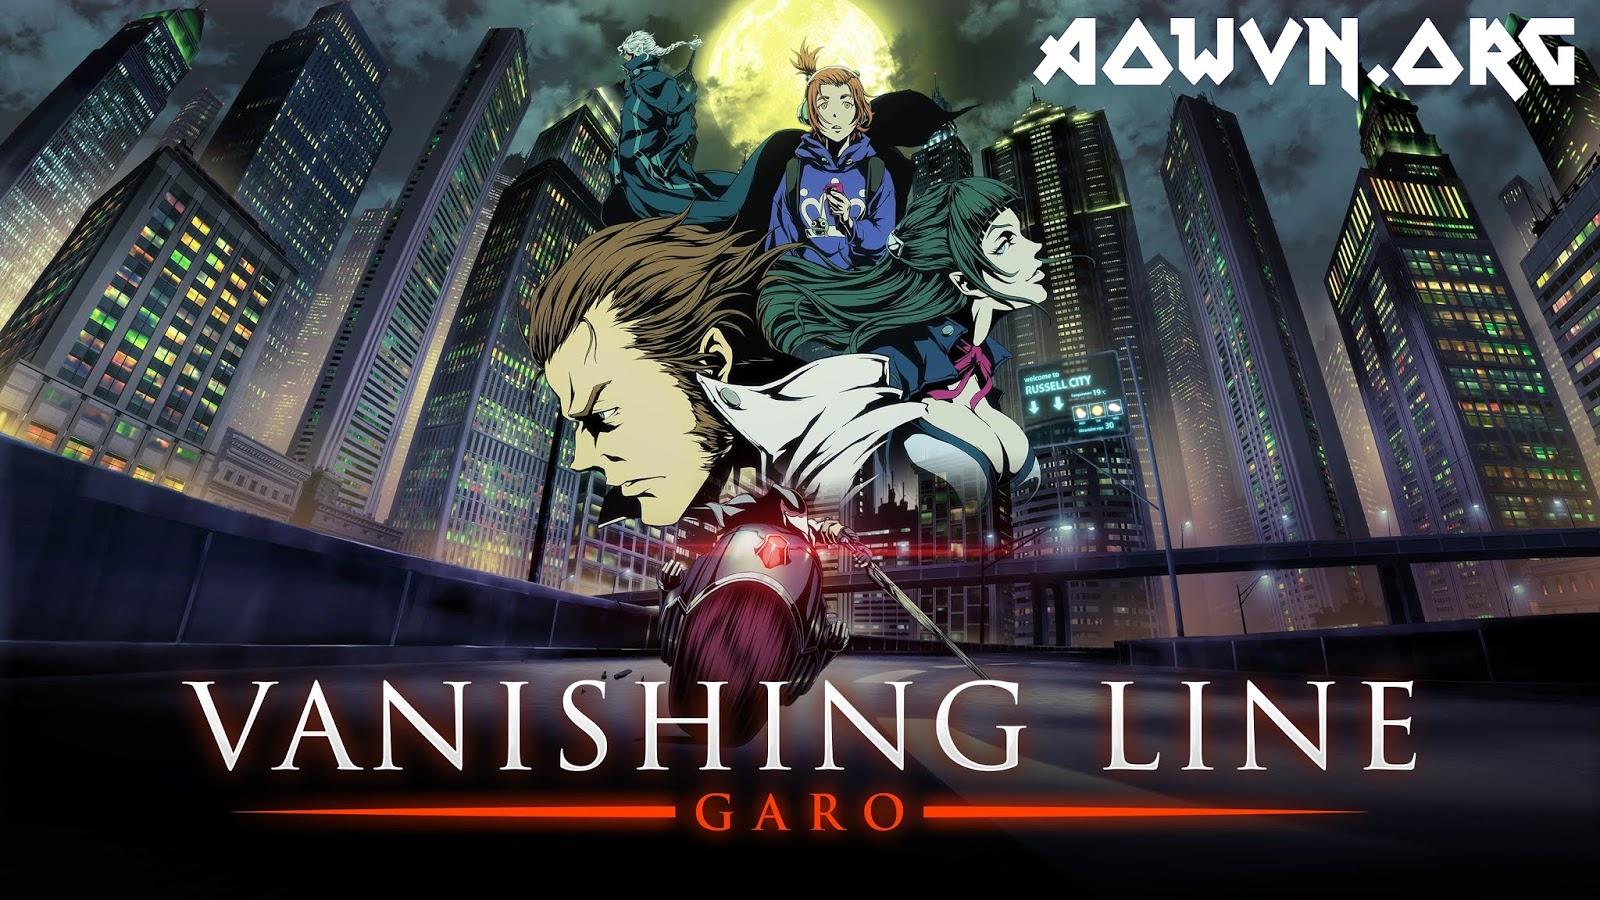 1698263 Latvian ShowMasterKeyArt 1f95cfb7 1fae e711 8175 020165574d09 - [ Anime 3gp Mp4 ] Garo: Vanishing Line | Vietsub - Hành động cực hay!!